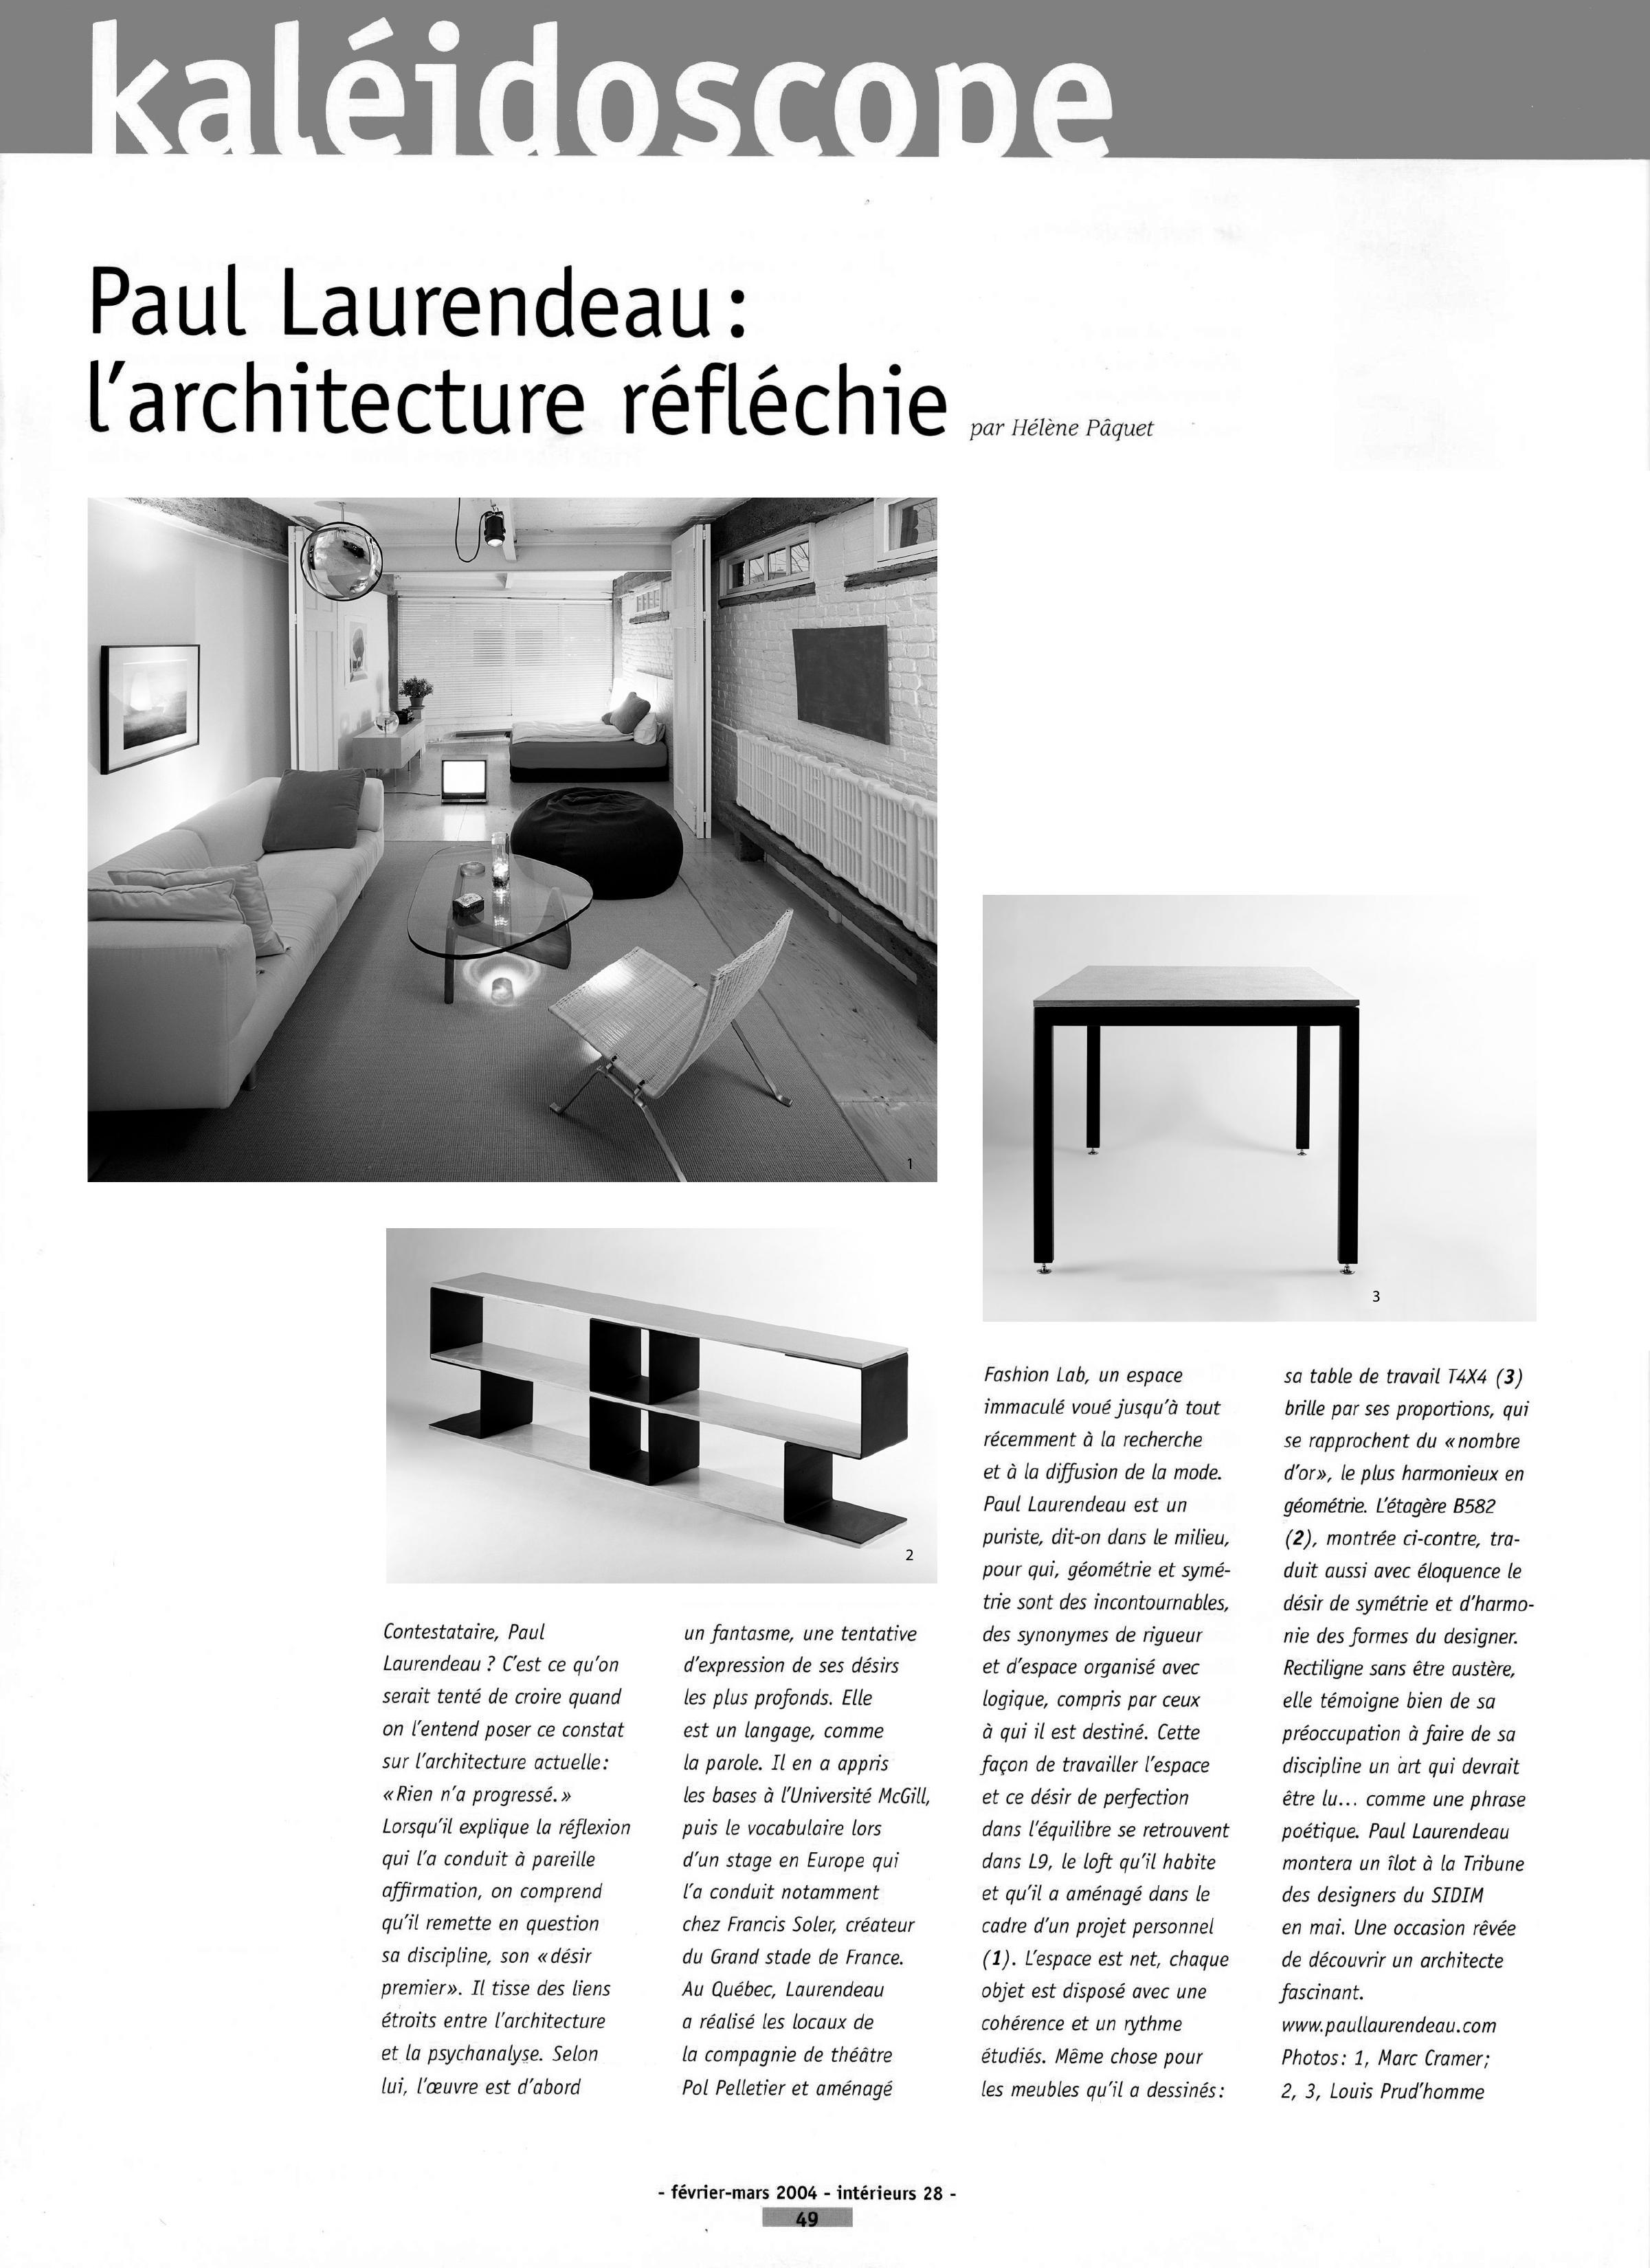 Copy of Paul Laurendeau: l'architecture reflechie